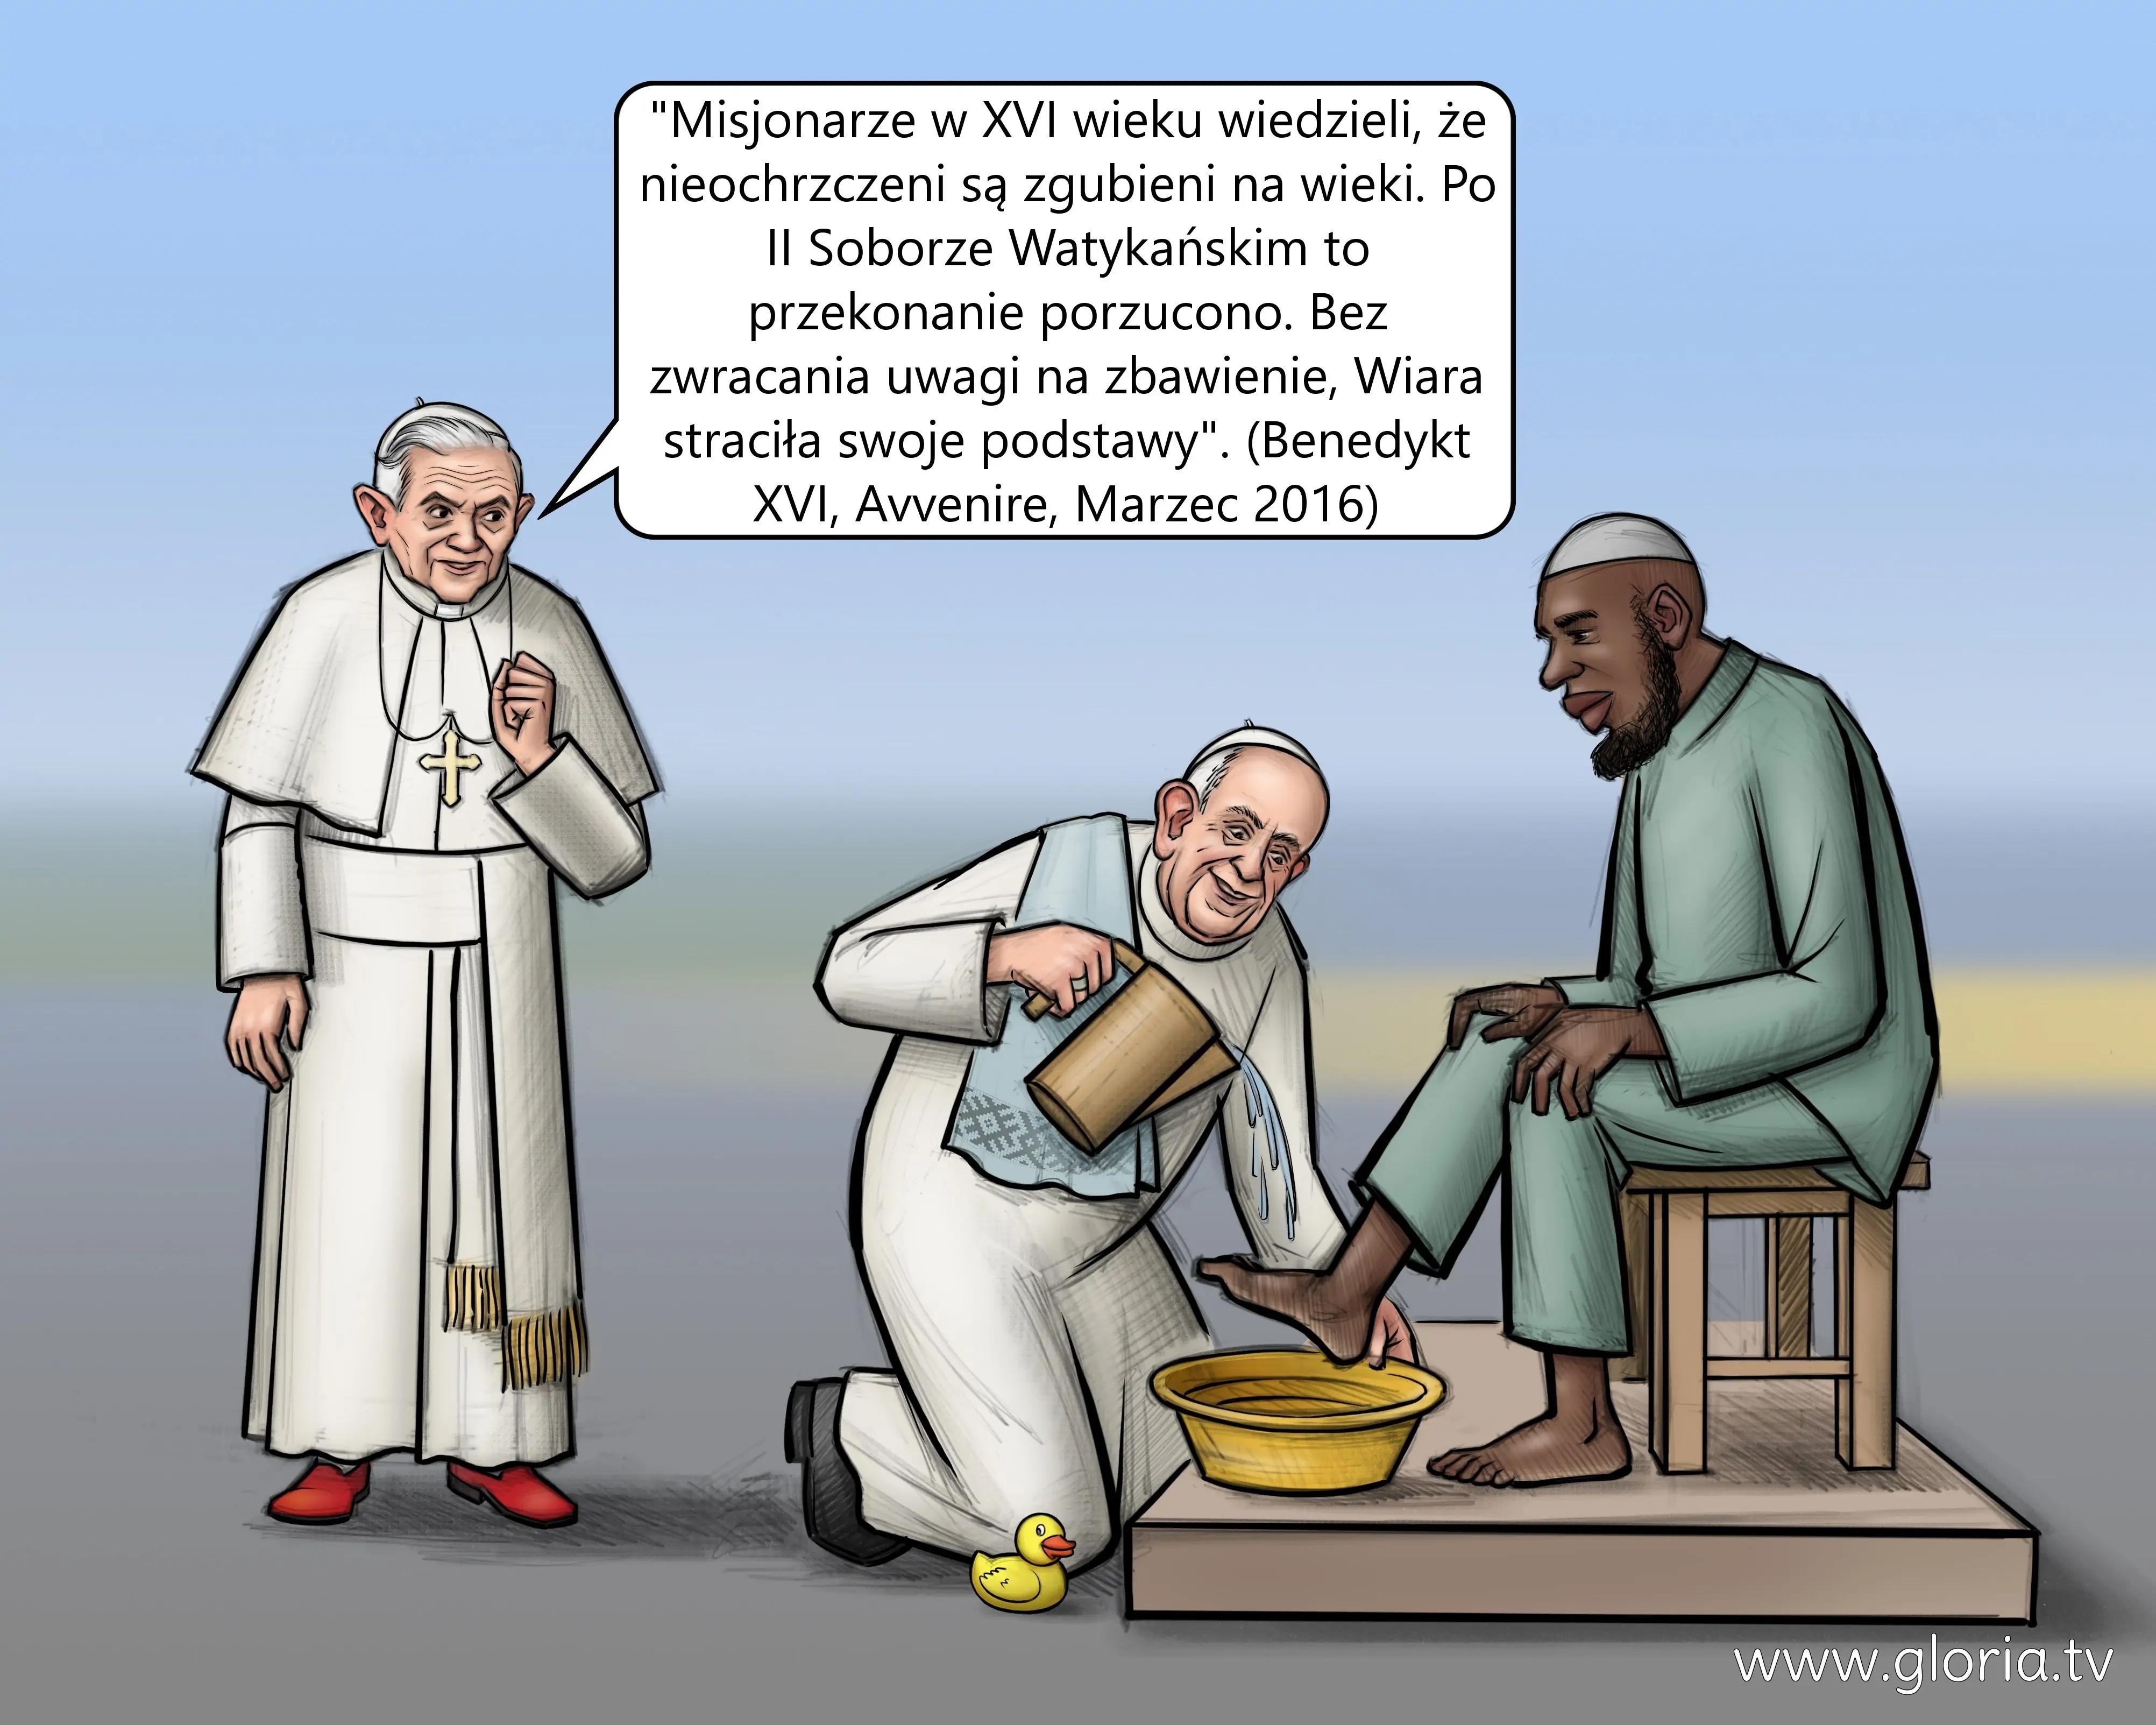 Pseudopapież apostata Bergoglio umywa nogi islamiście